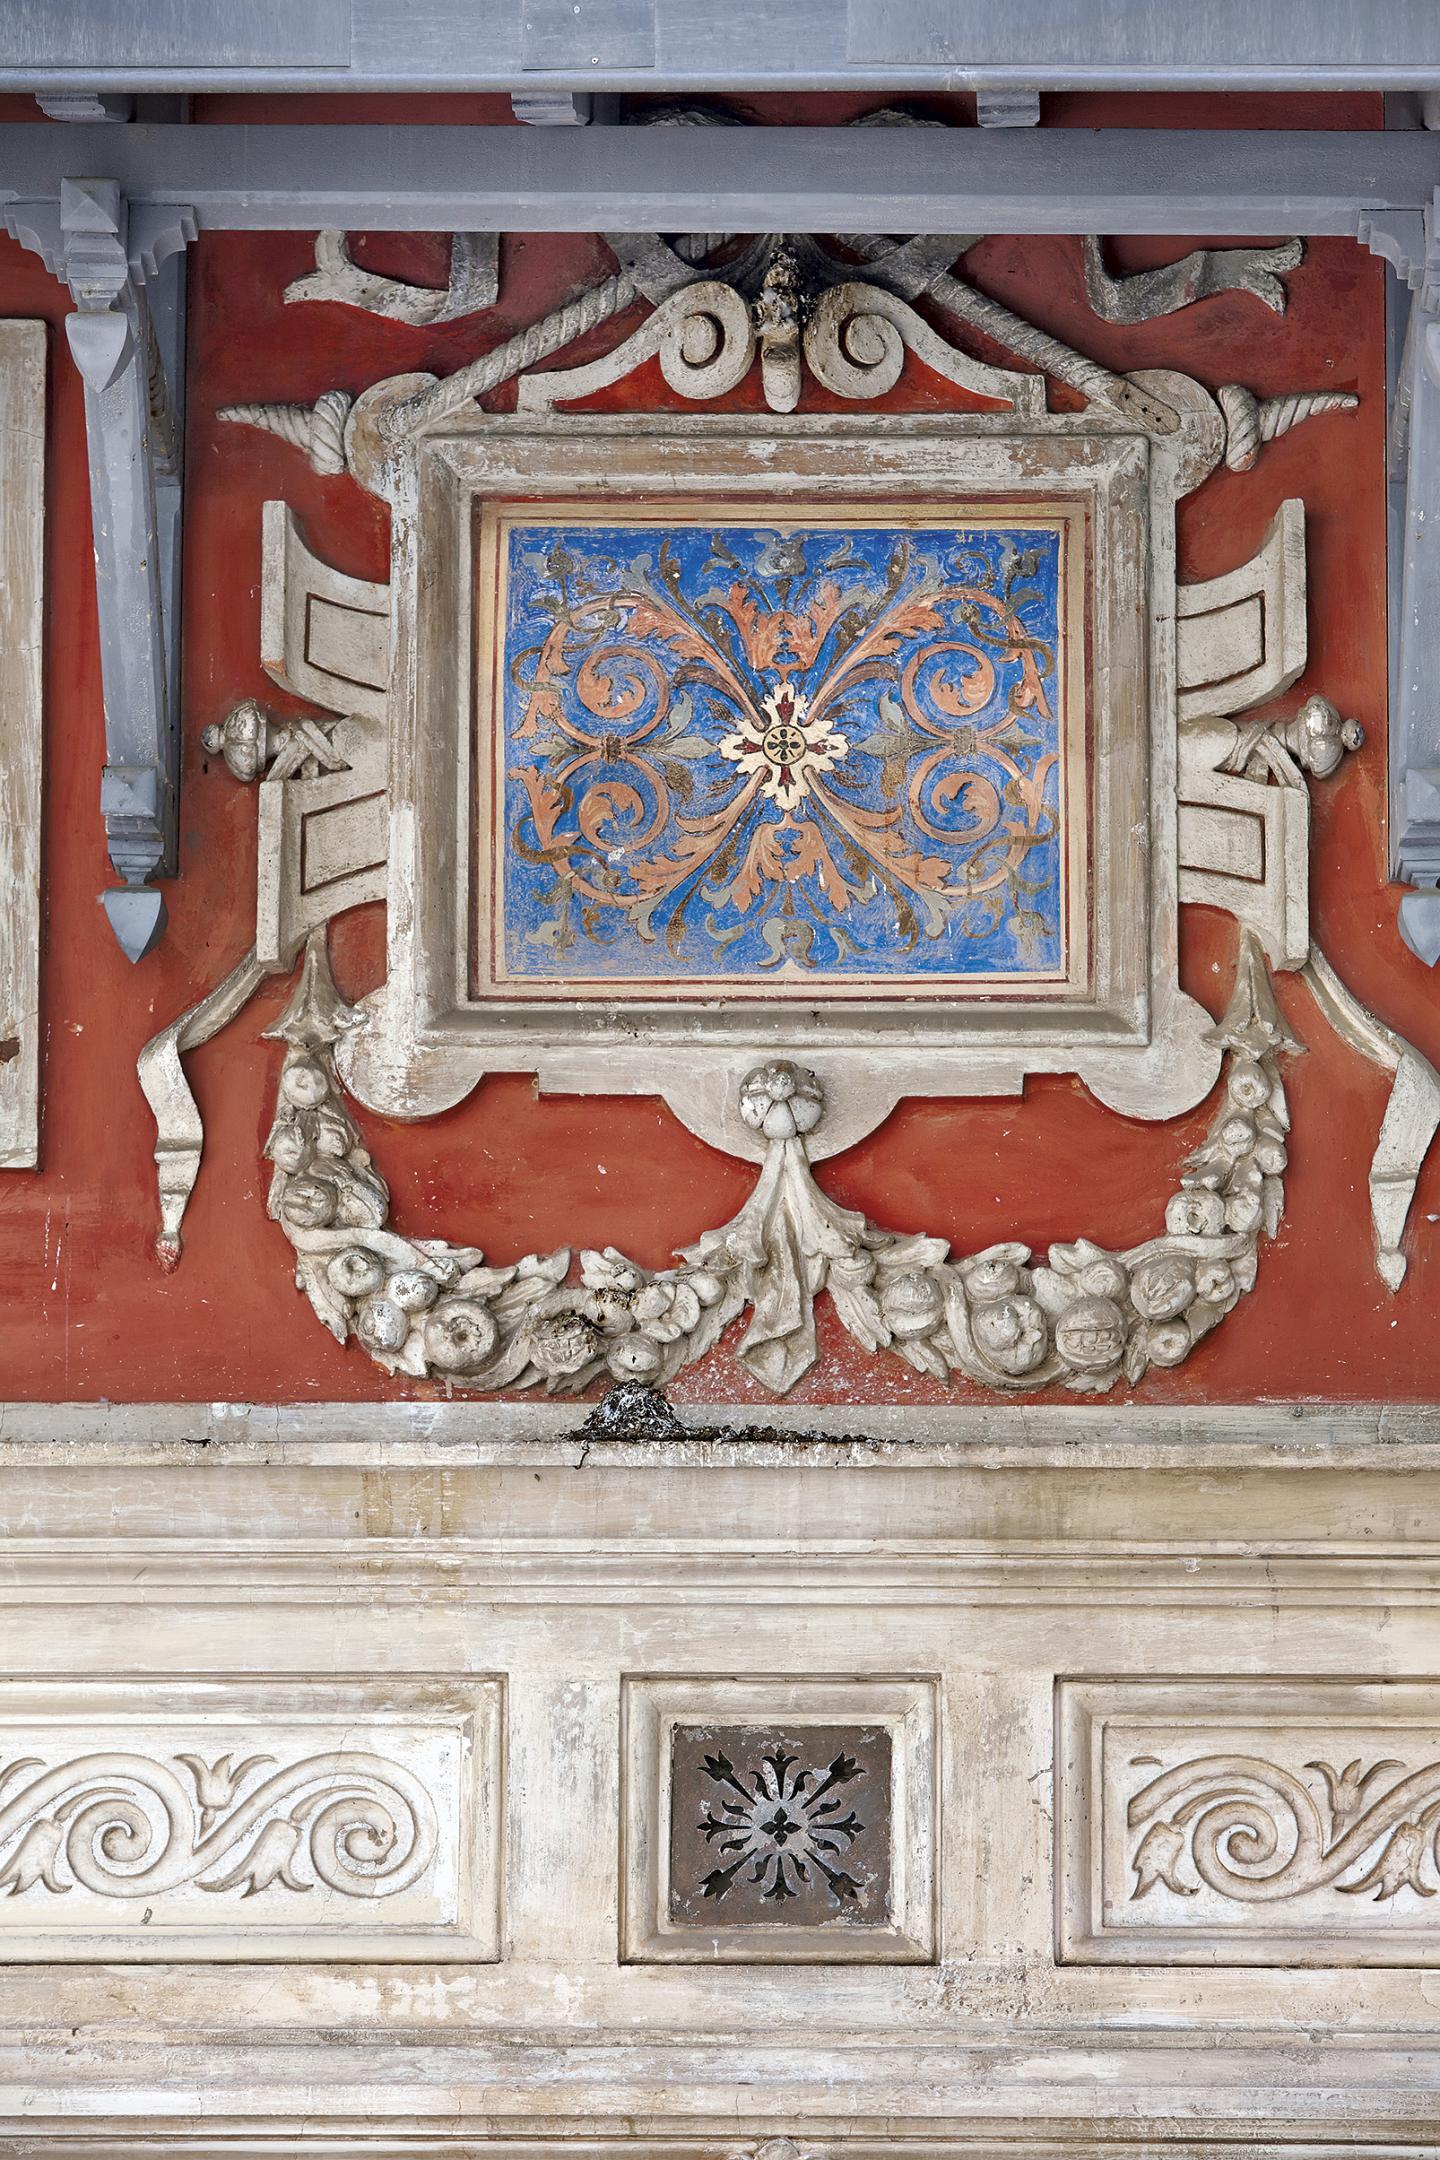 Sur les façades de la villa La Favorite se mêlent sculptures en stuc et peintures.